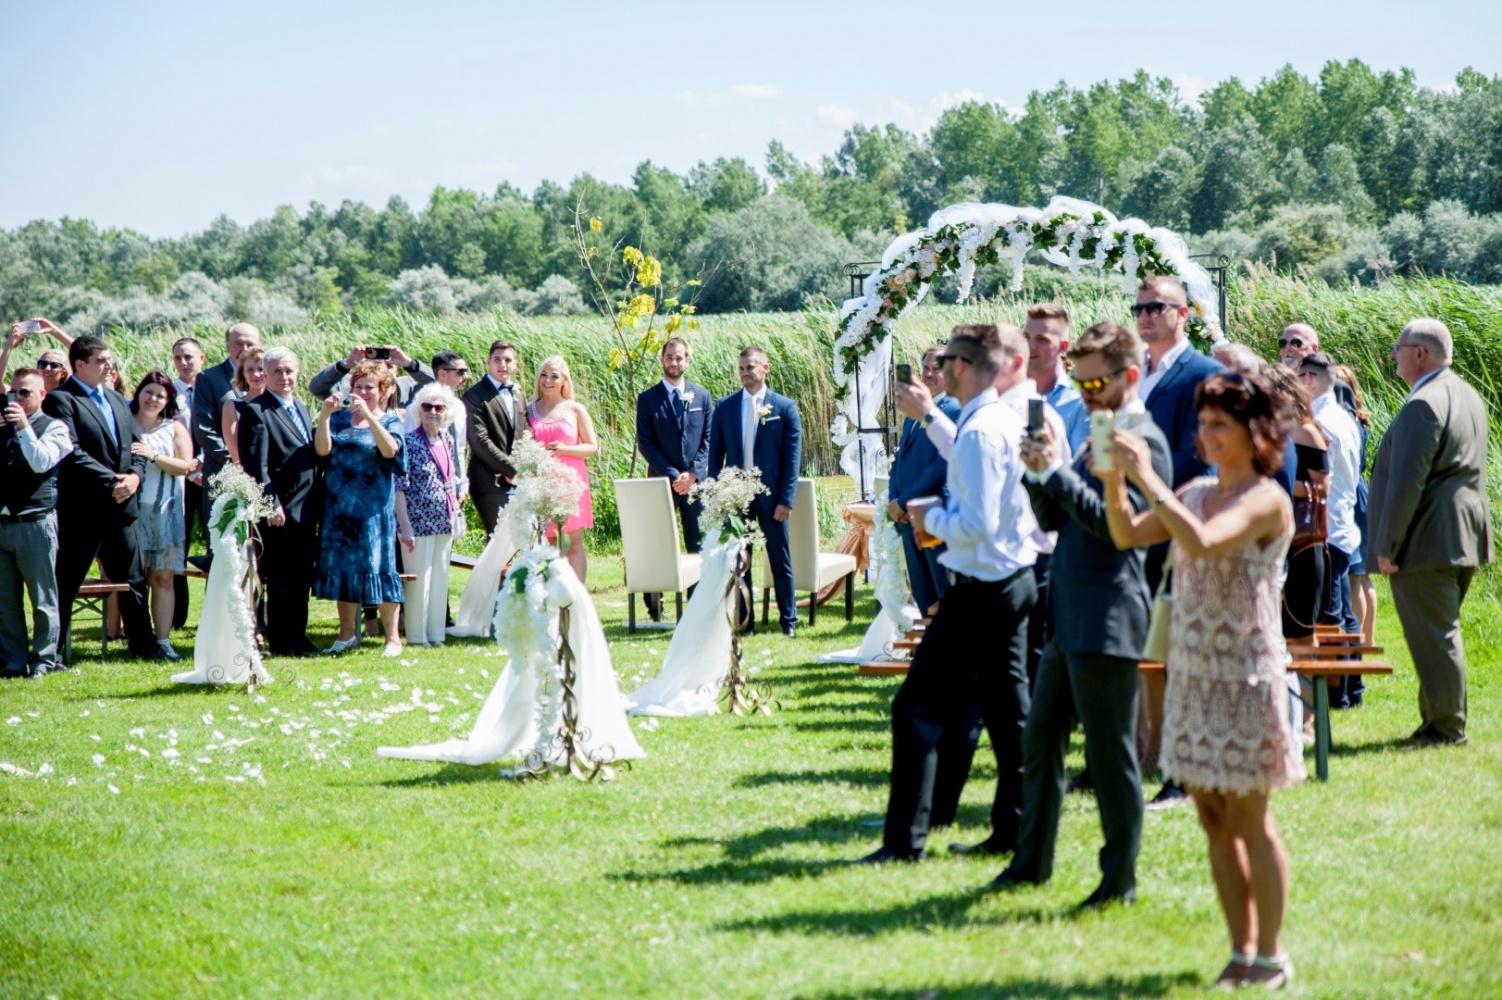 http://www.fotoz.sk/images/gallery-22/normal/eskuvoi-fotos_svadobny-fotograf_367.jpg